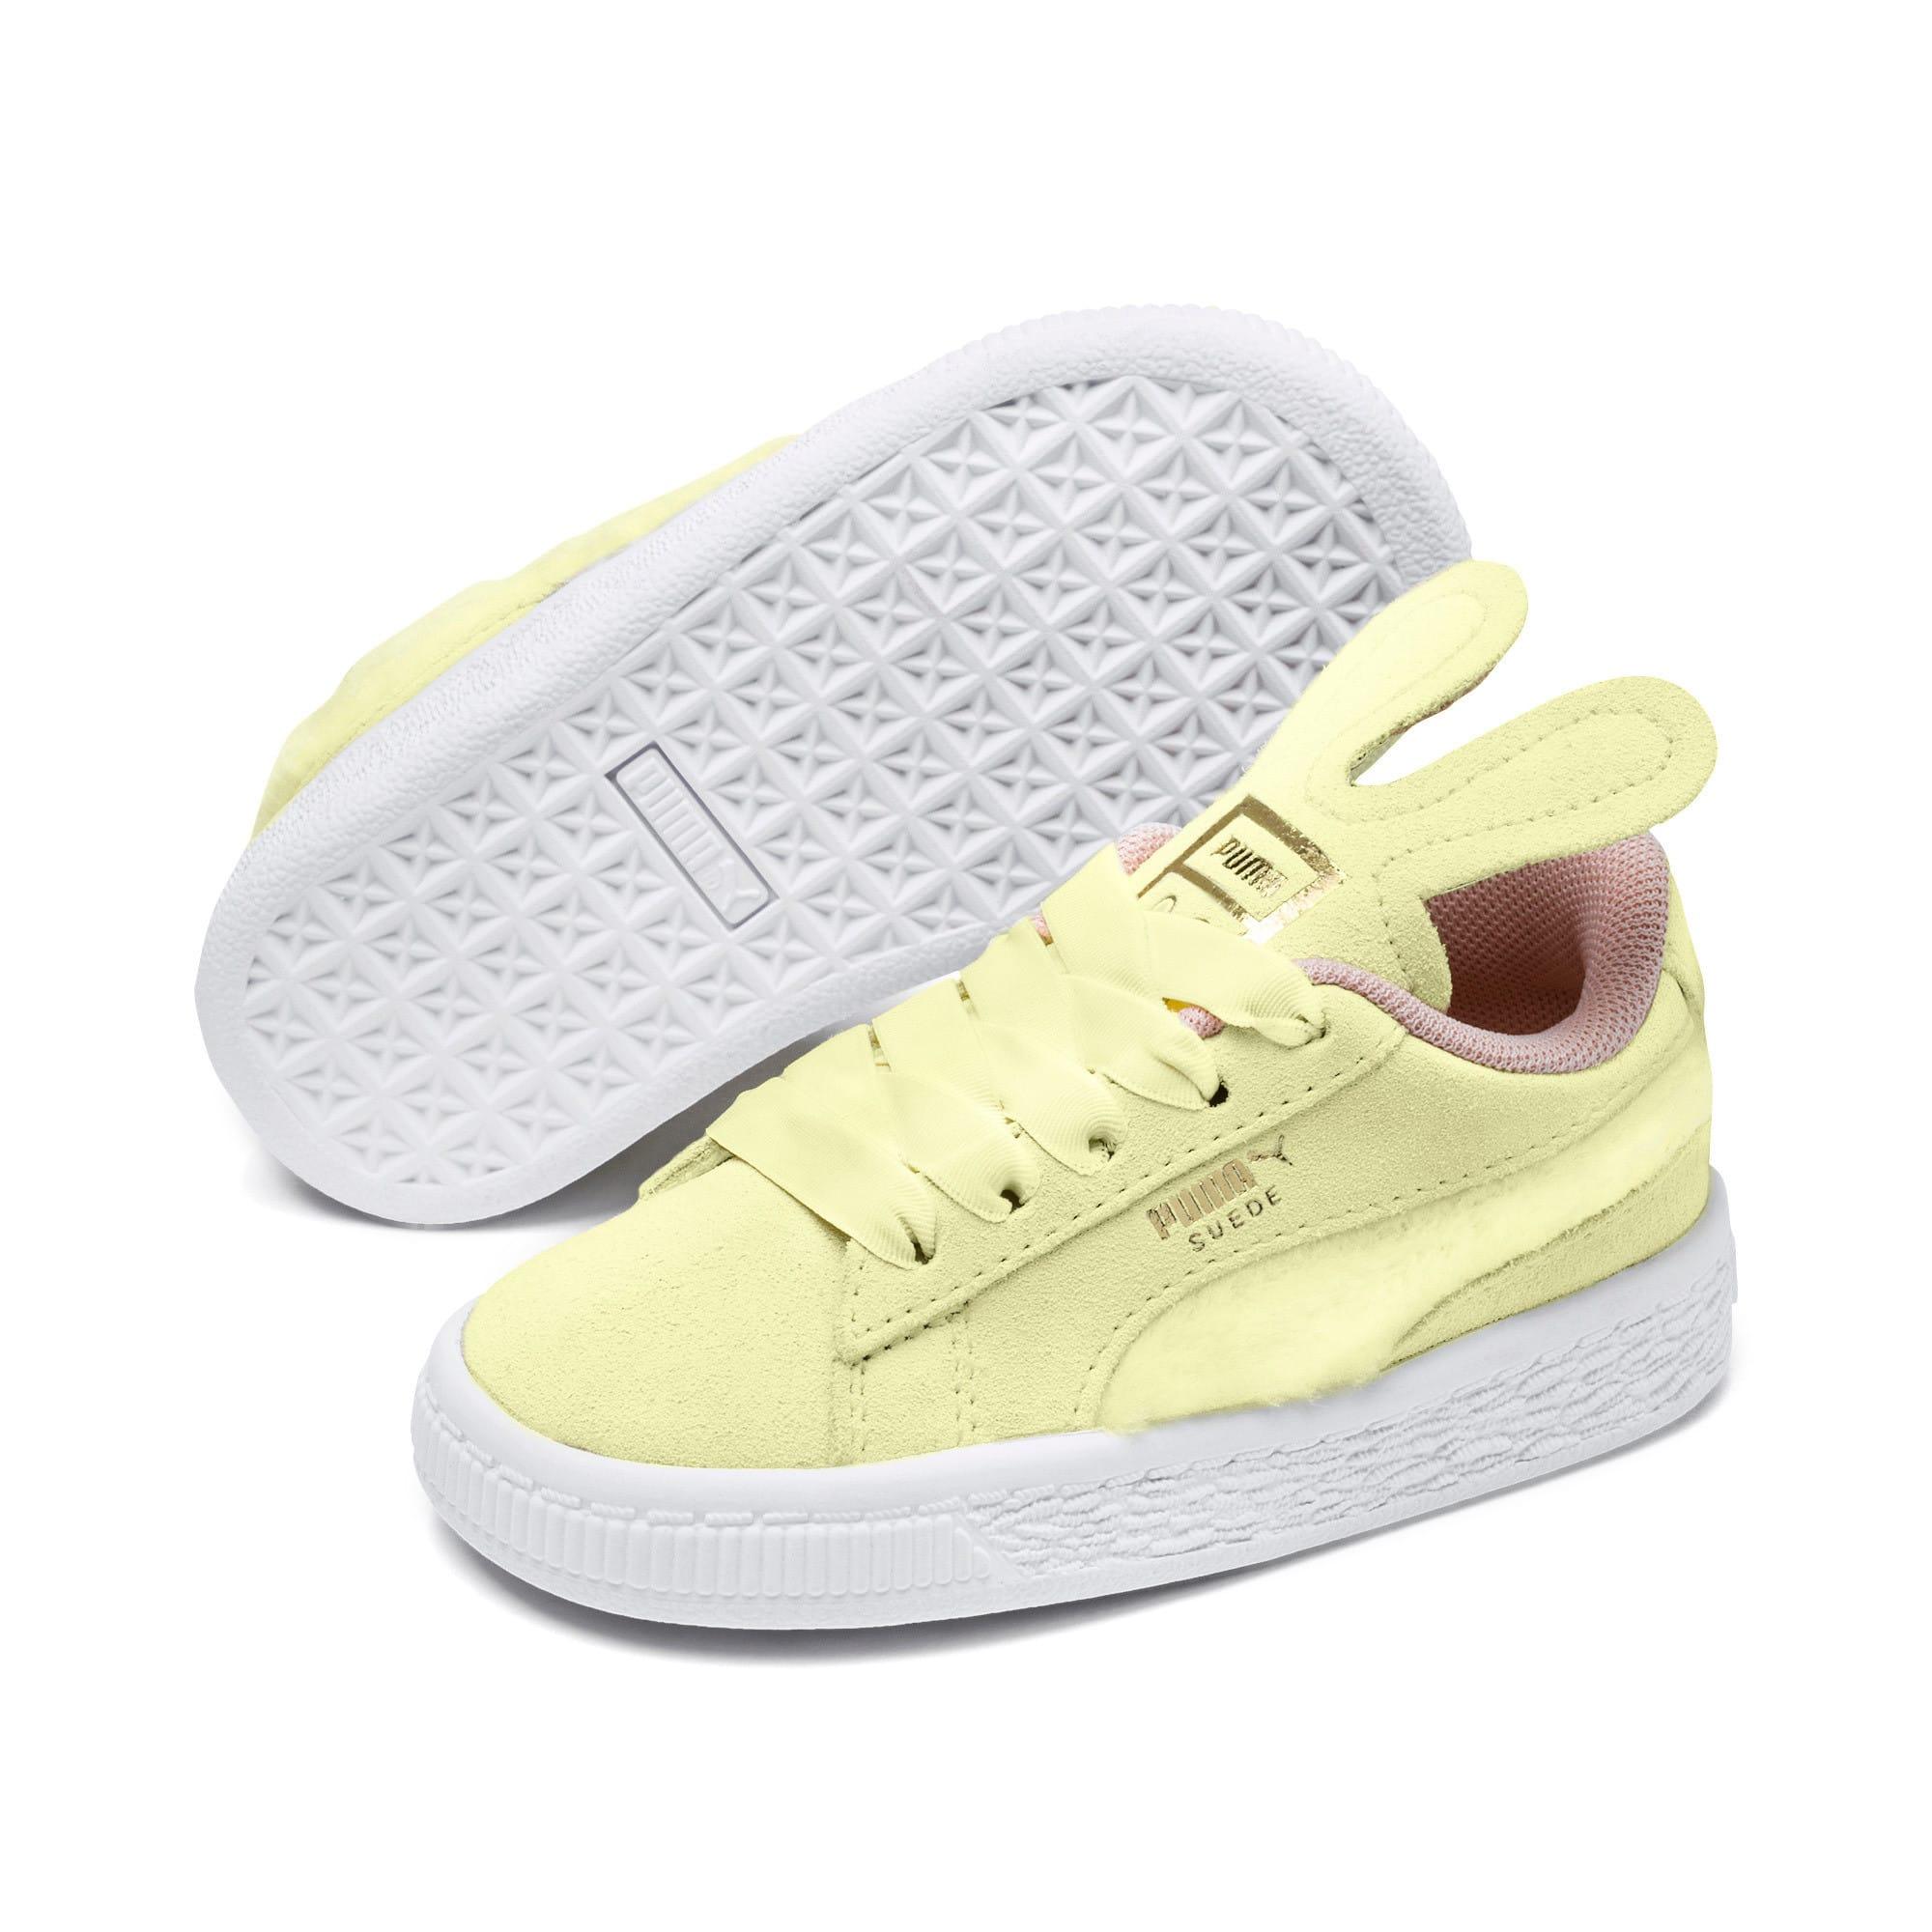 Miniatura 2 de Zapatos Suede Easter AC para bebé, YELLOW-Coral Cloud-Gold, mediano